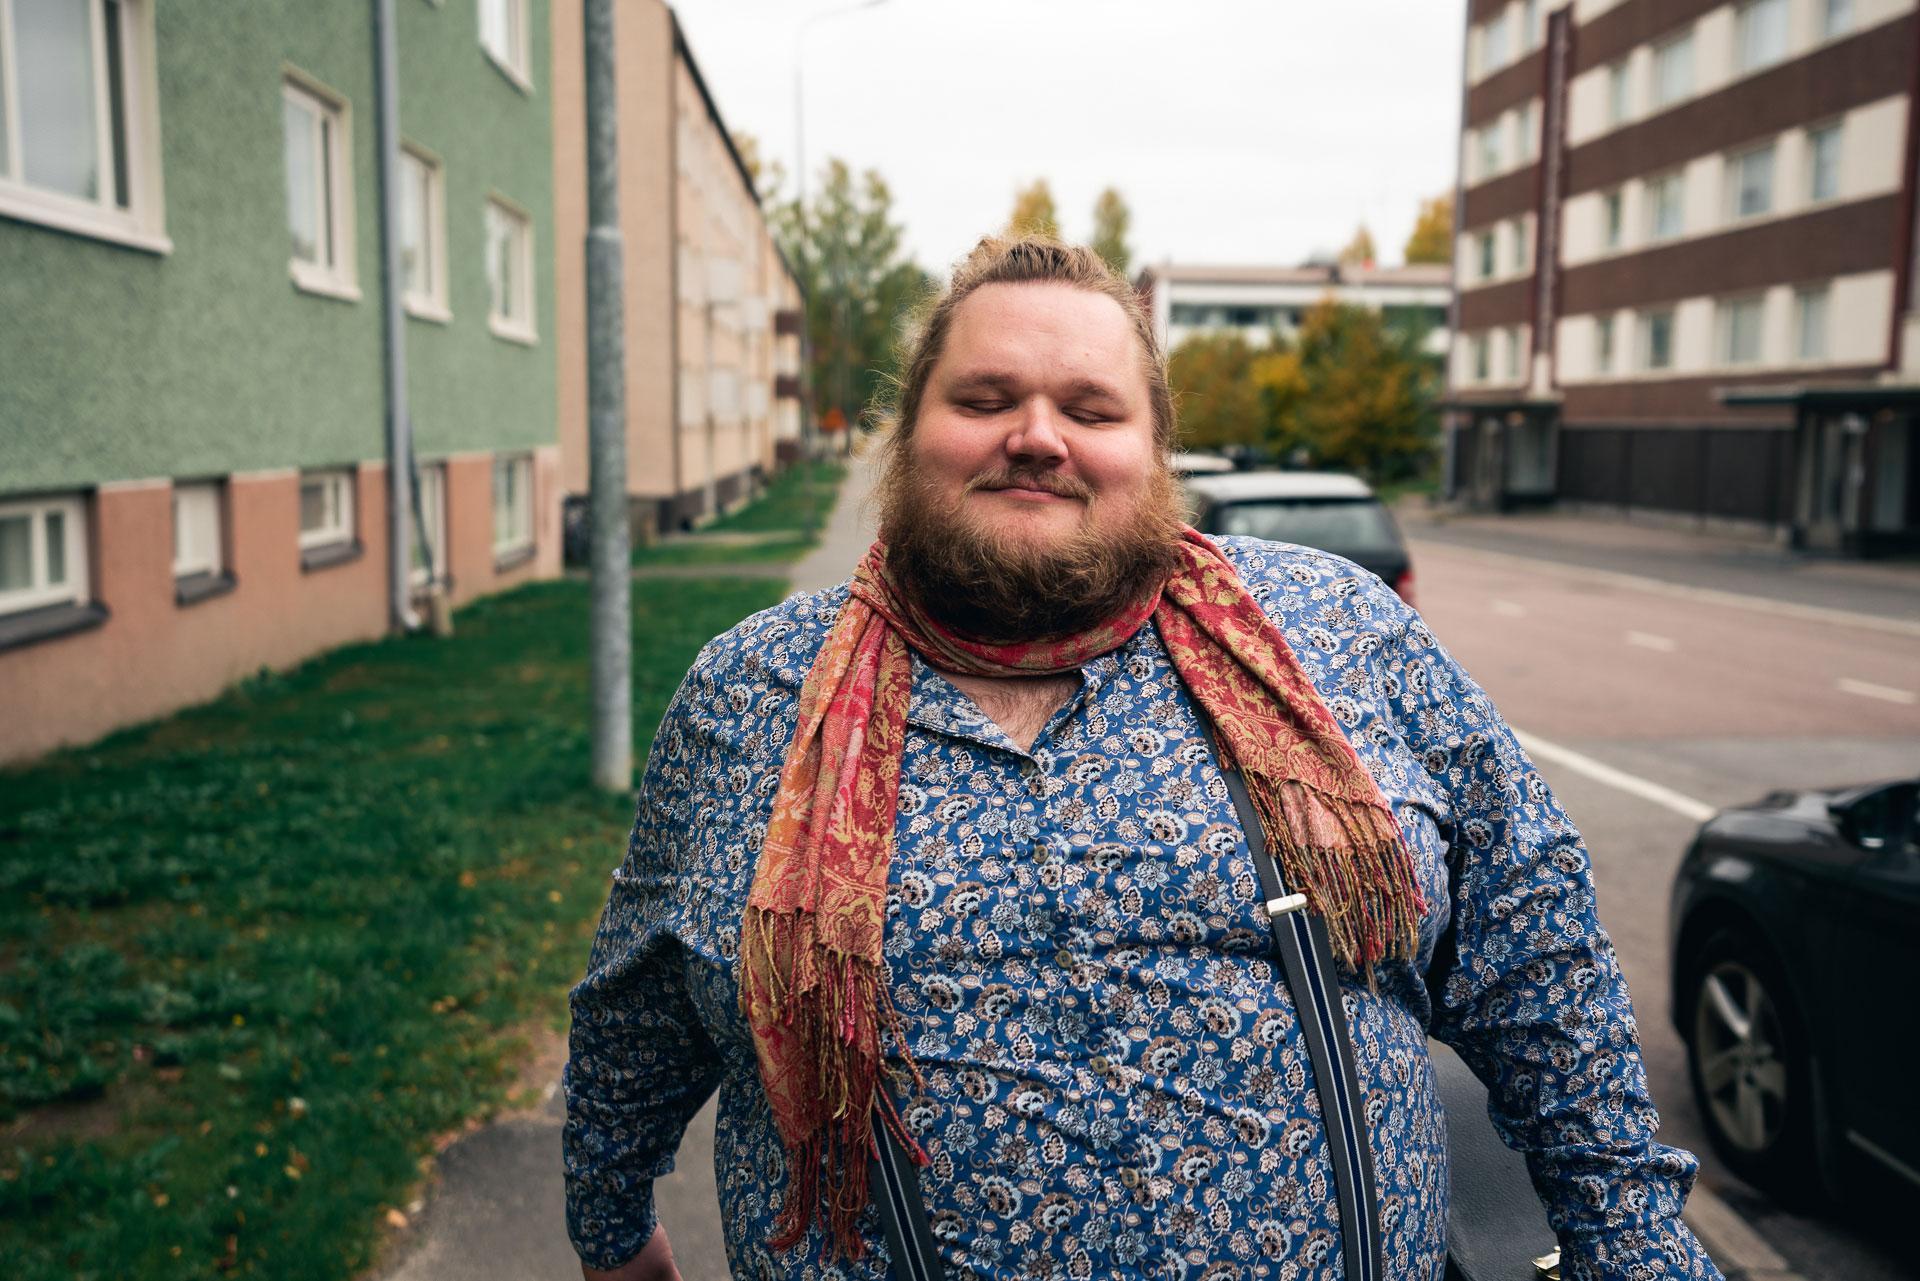 Mies kävelee kaupungin kadulla. Kuvassa miehellä on silmät kiinni ja tyytyväinen ilme kasvoillaan.